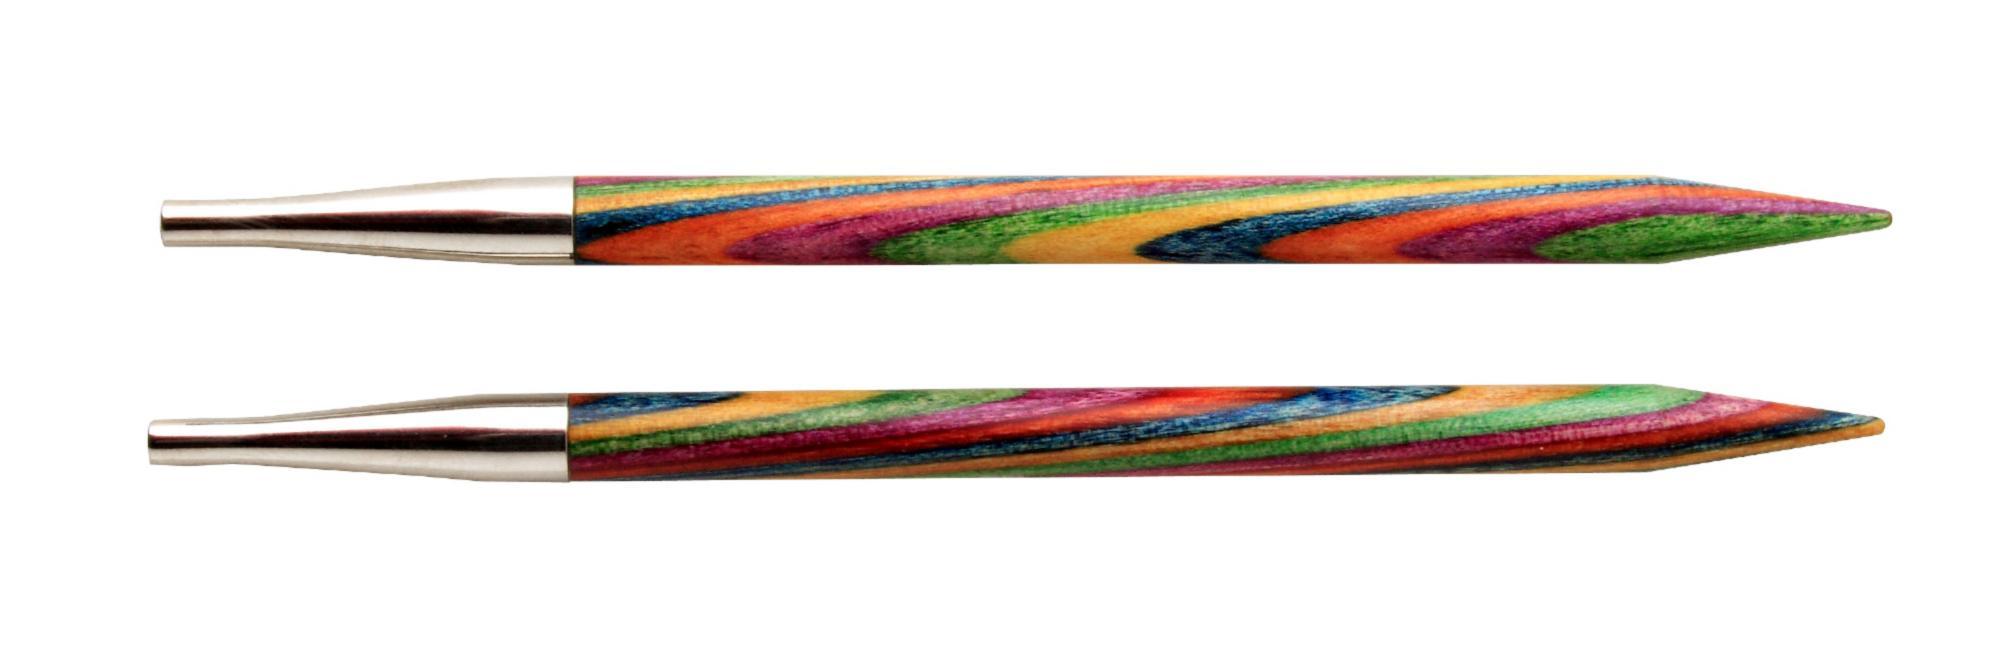 Спицы съемные Symfonie Wood KnitPro, 20416, 3.25 мм